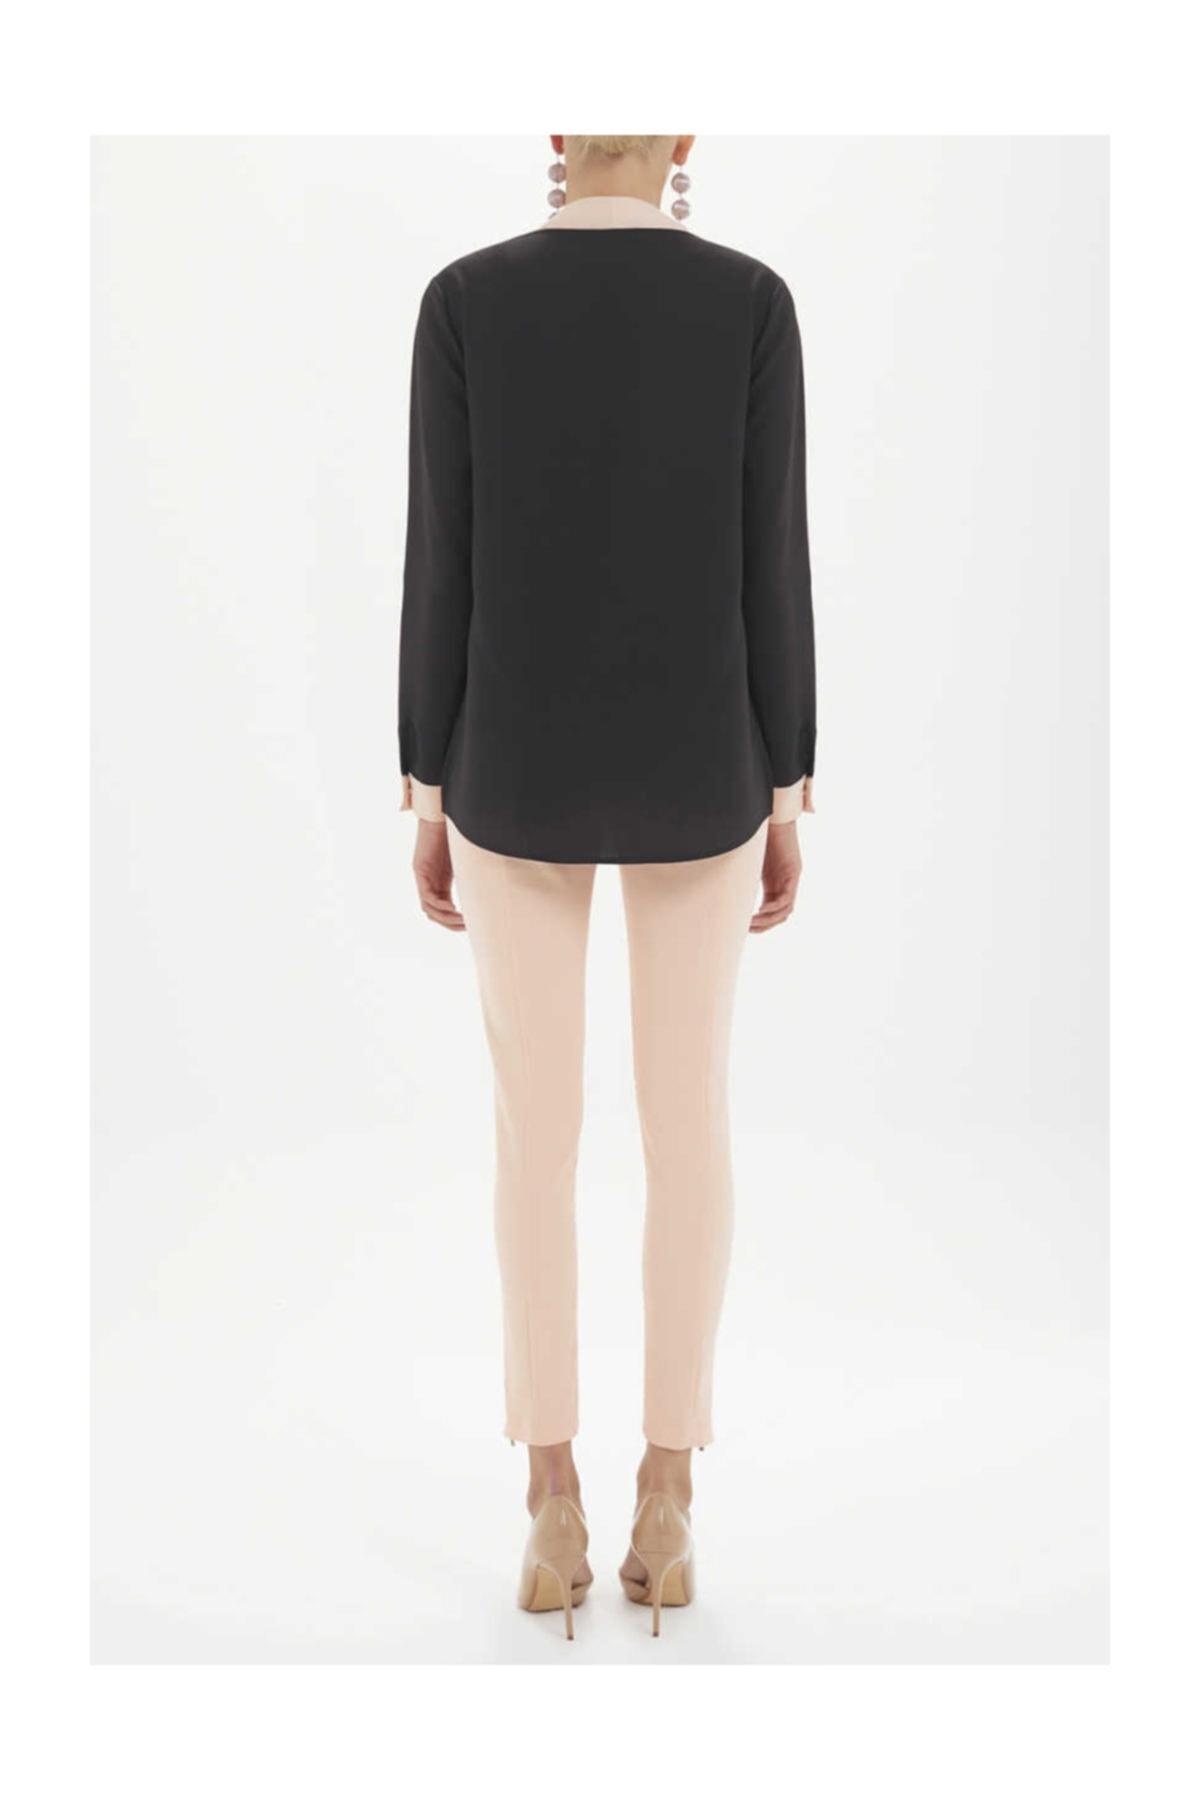 SOCIETA Kadın Kontrast Renkli Bol Kesim Bluz Siyah 19255 M03141019255101 2